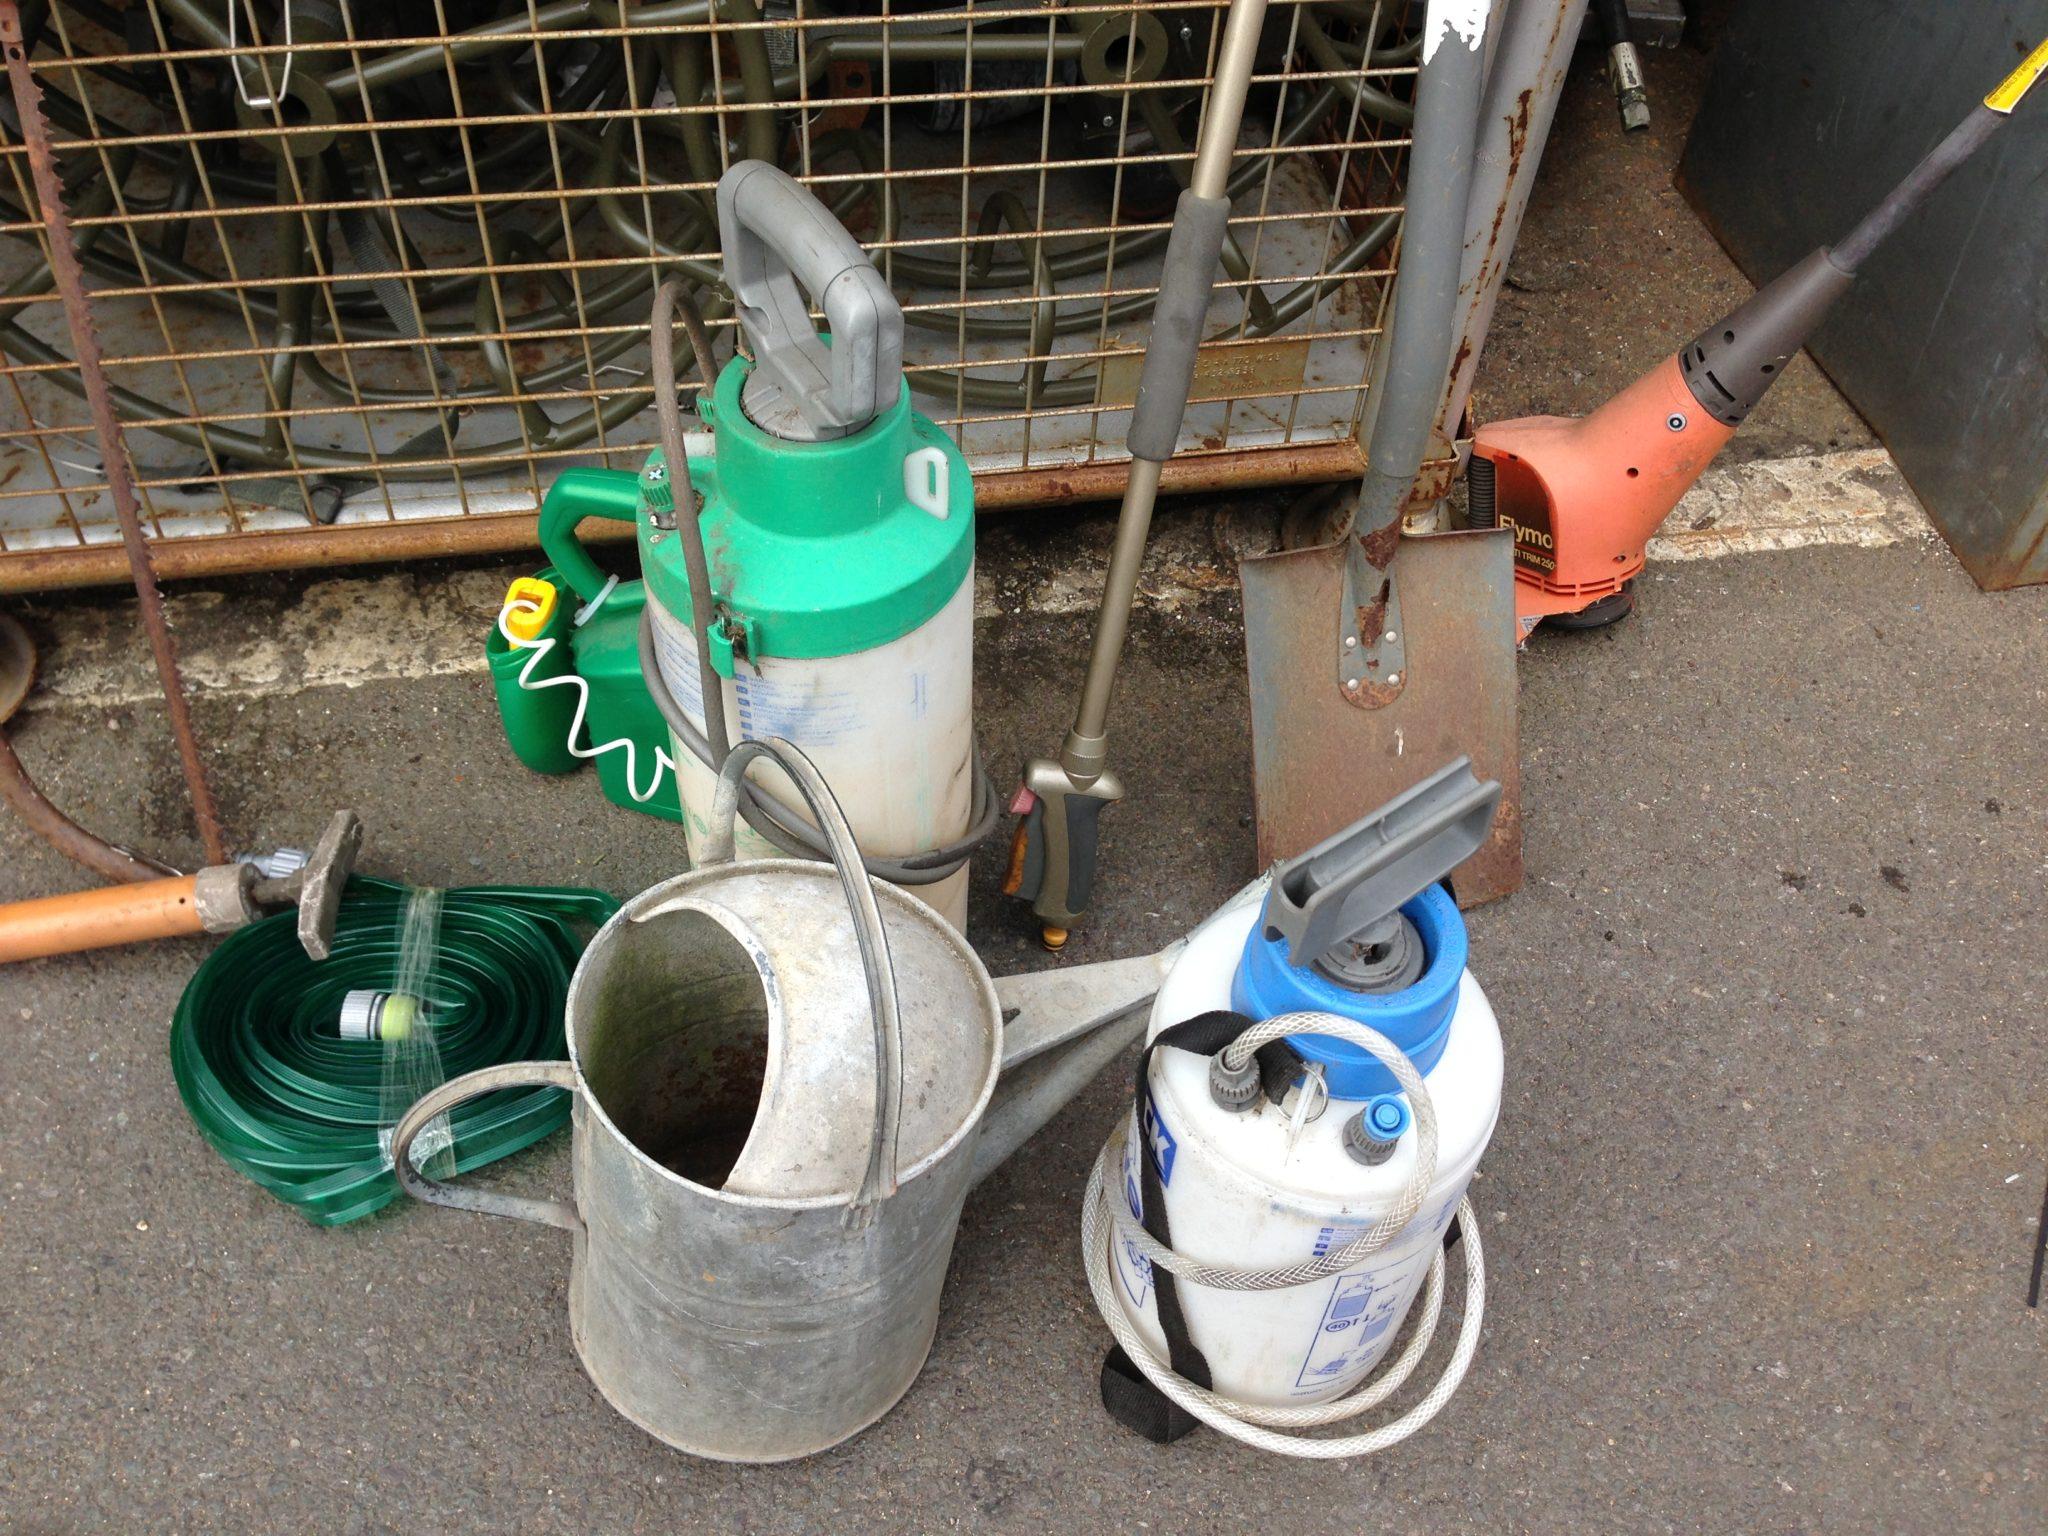 Gardening Hand Tools - IMG_4611